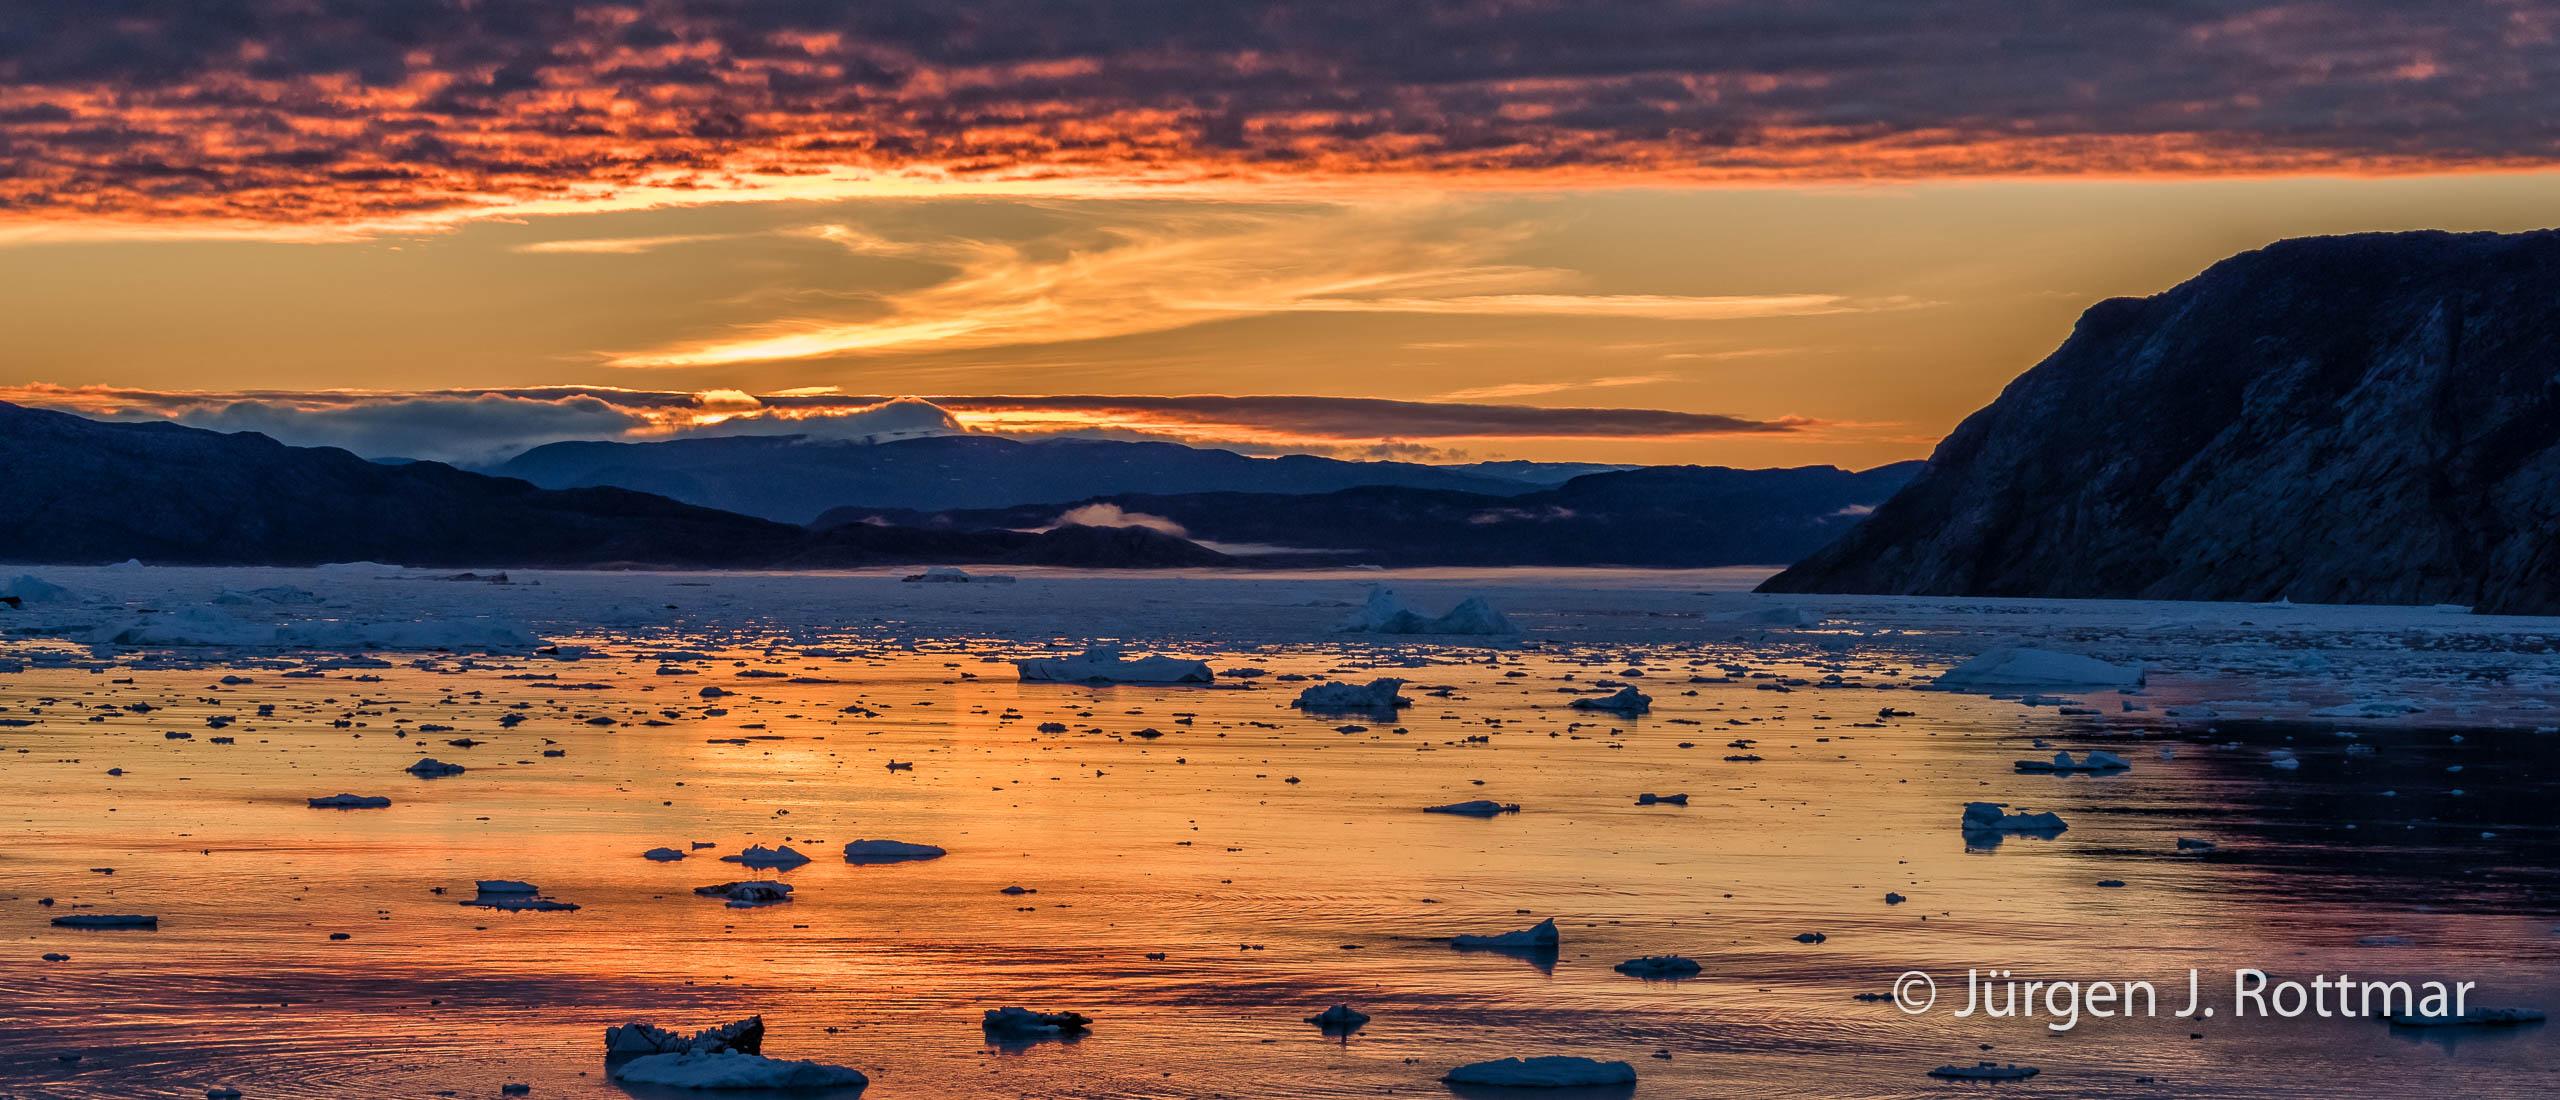 Juergen-J-Rottmar-Groenland-8_2018_MG_7946-Bearbeitet